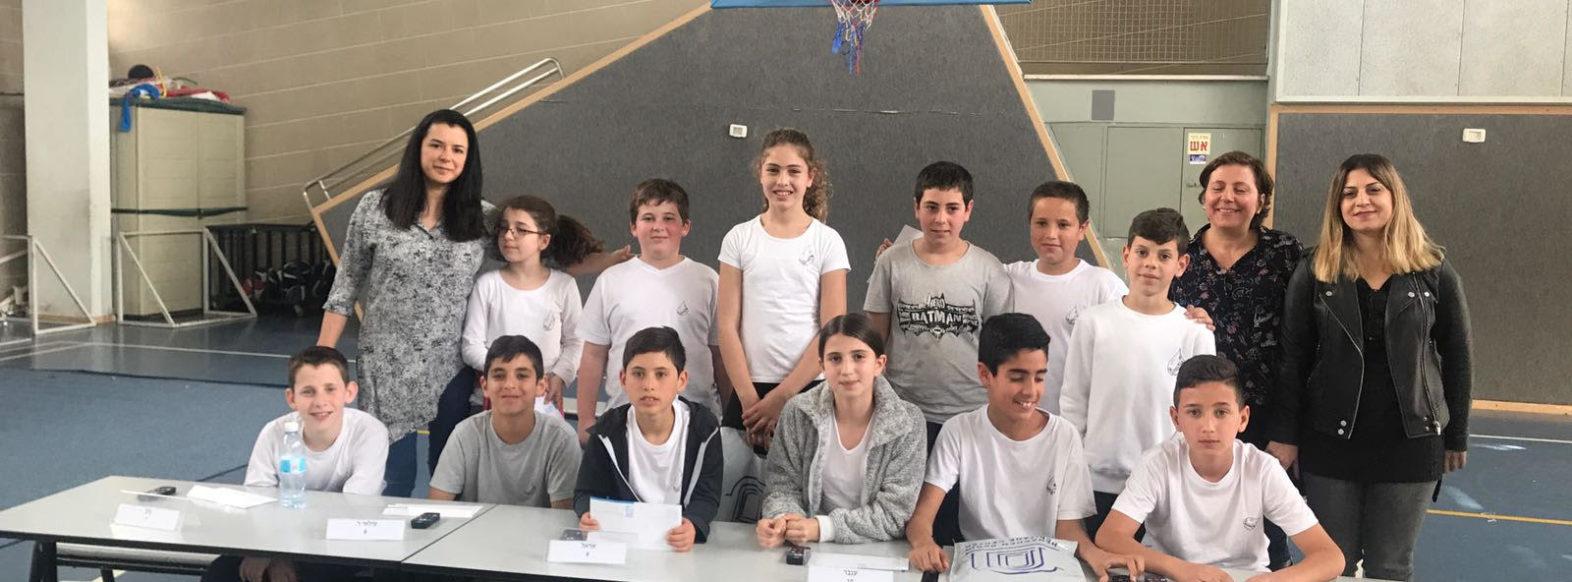 """תלמידי ביה""""ס """"ירושלים"""" ו""""גבעת טל"""" ייצגו את העיר בחידון בגין הארצי"""